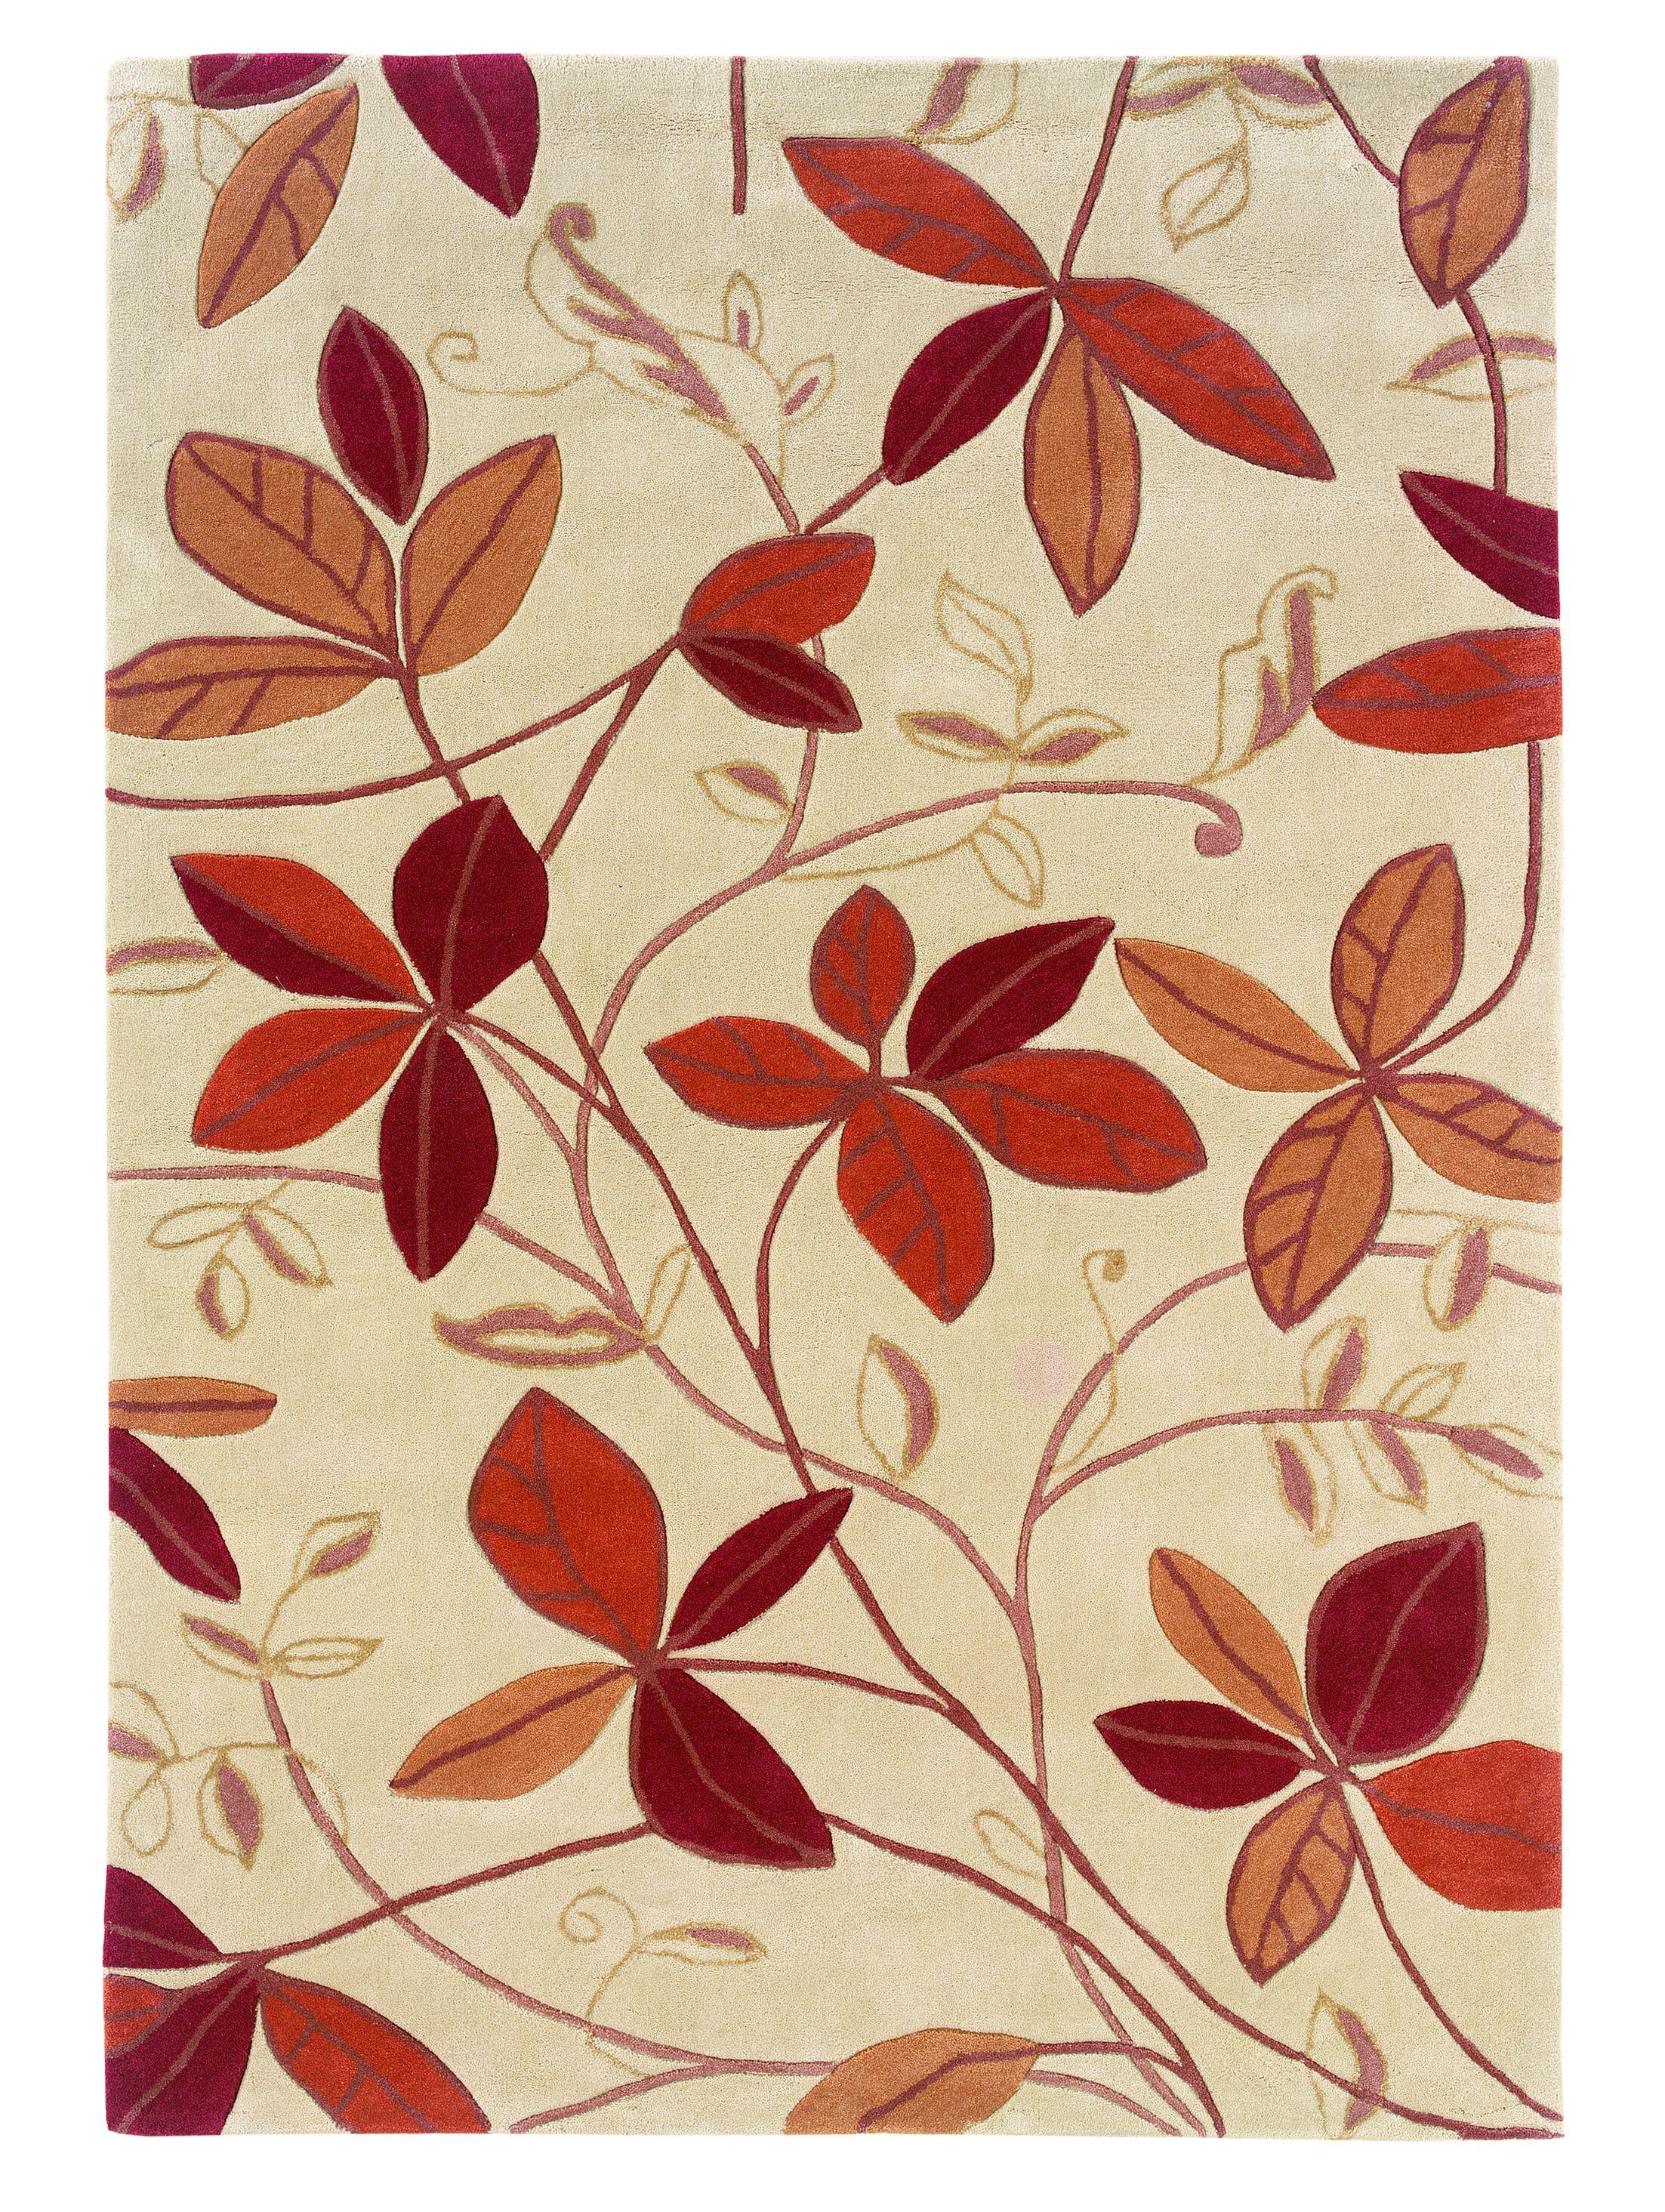 Fugen Hand-Tufted Tan Area Rug Rug Size: 8' x 10'